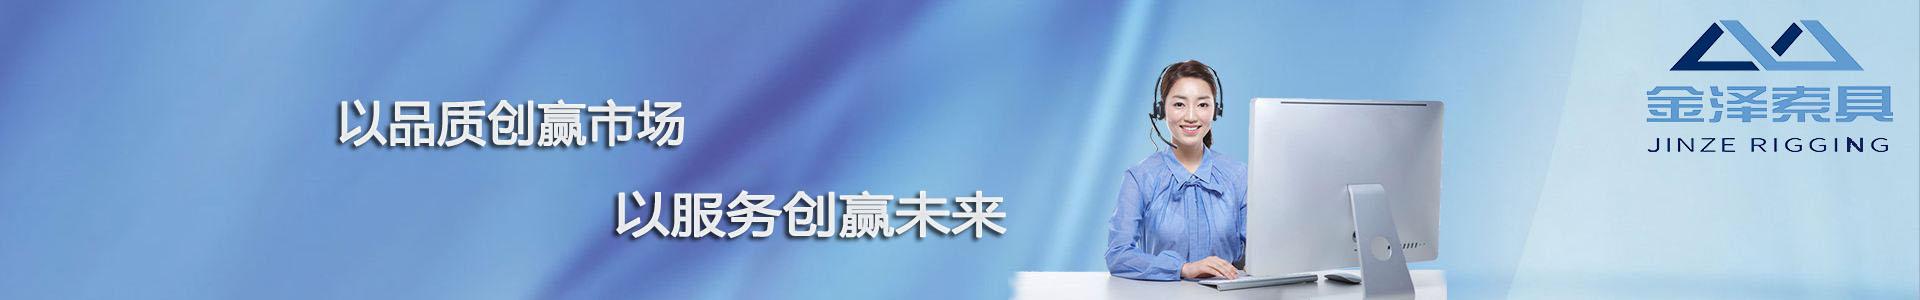 泰州金澤發展願景